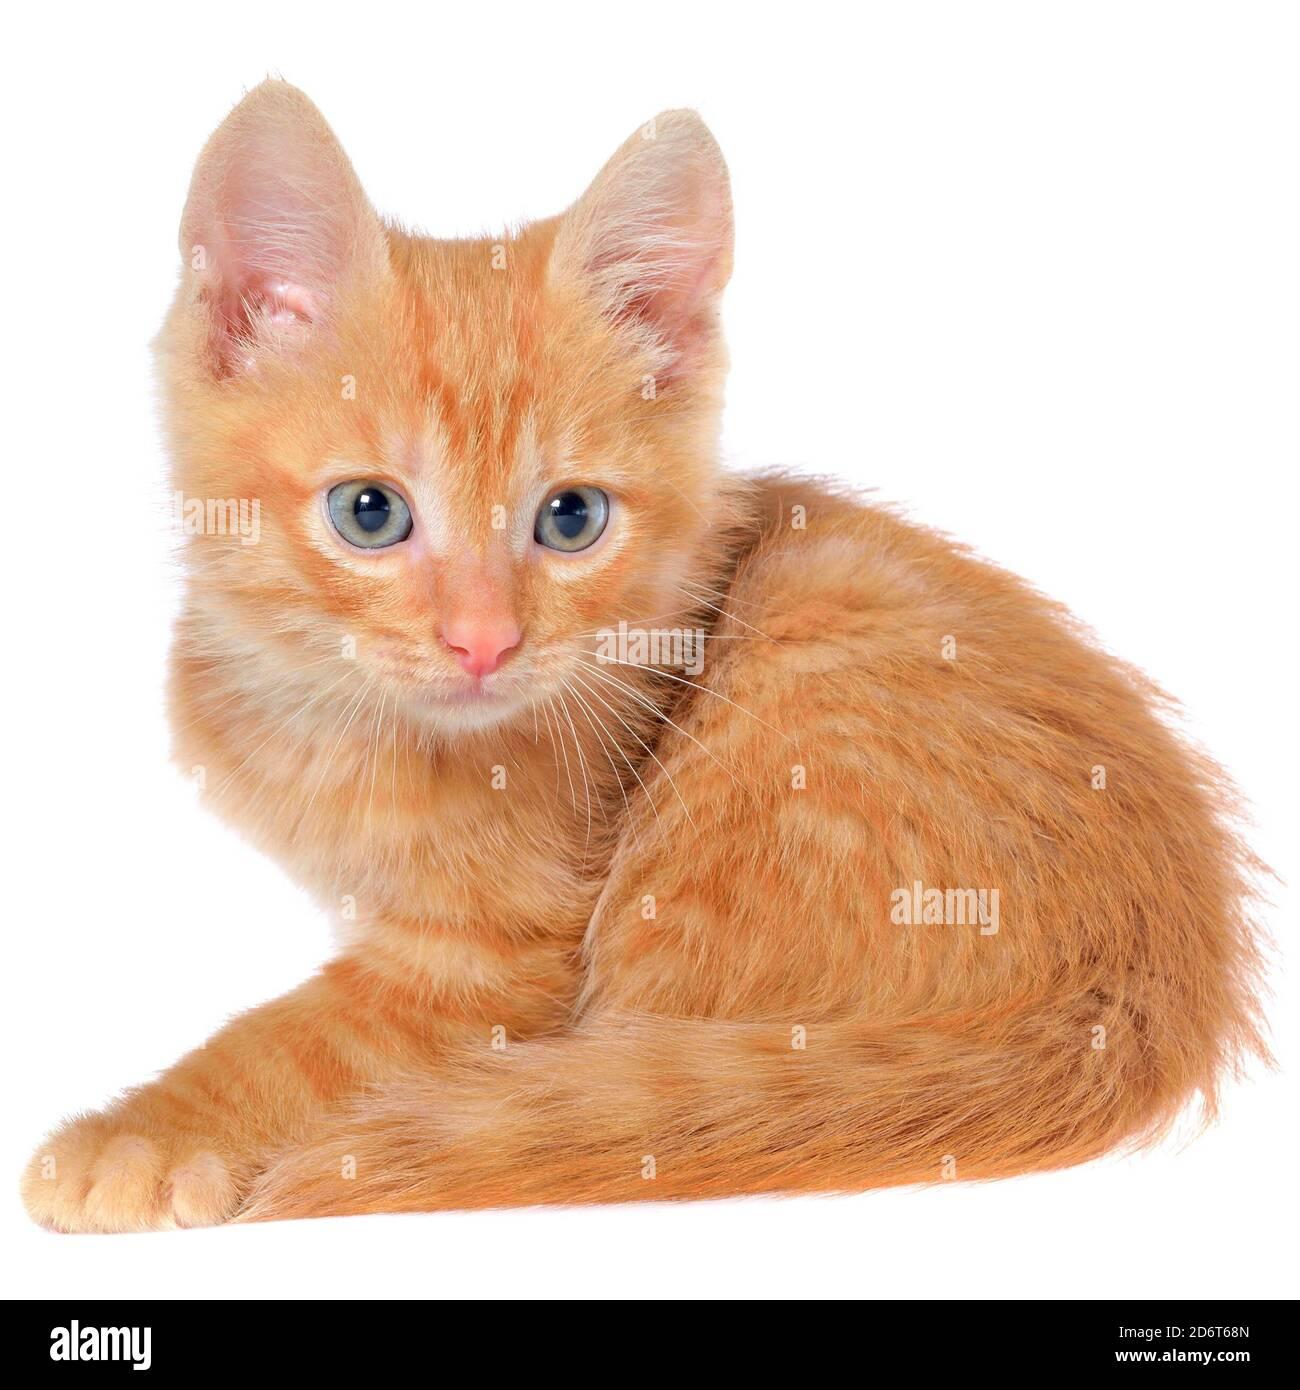 Le chaton orange se pose sur une vue latérale isolée sur un fond blanc. Banque D'Images